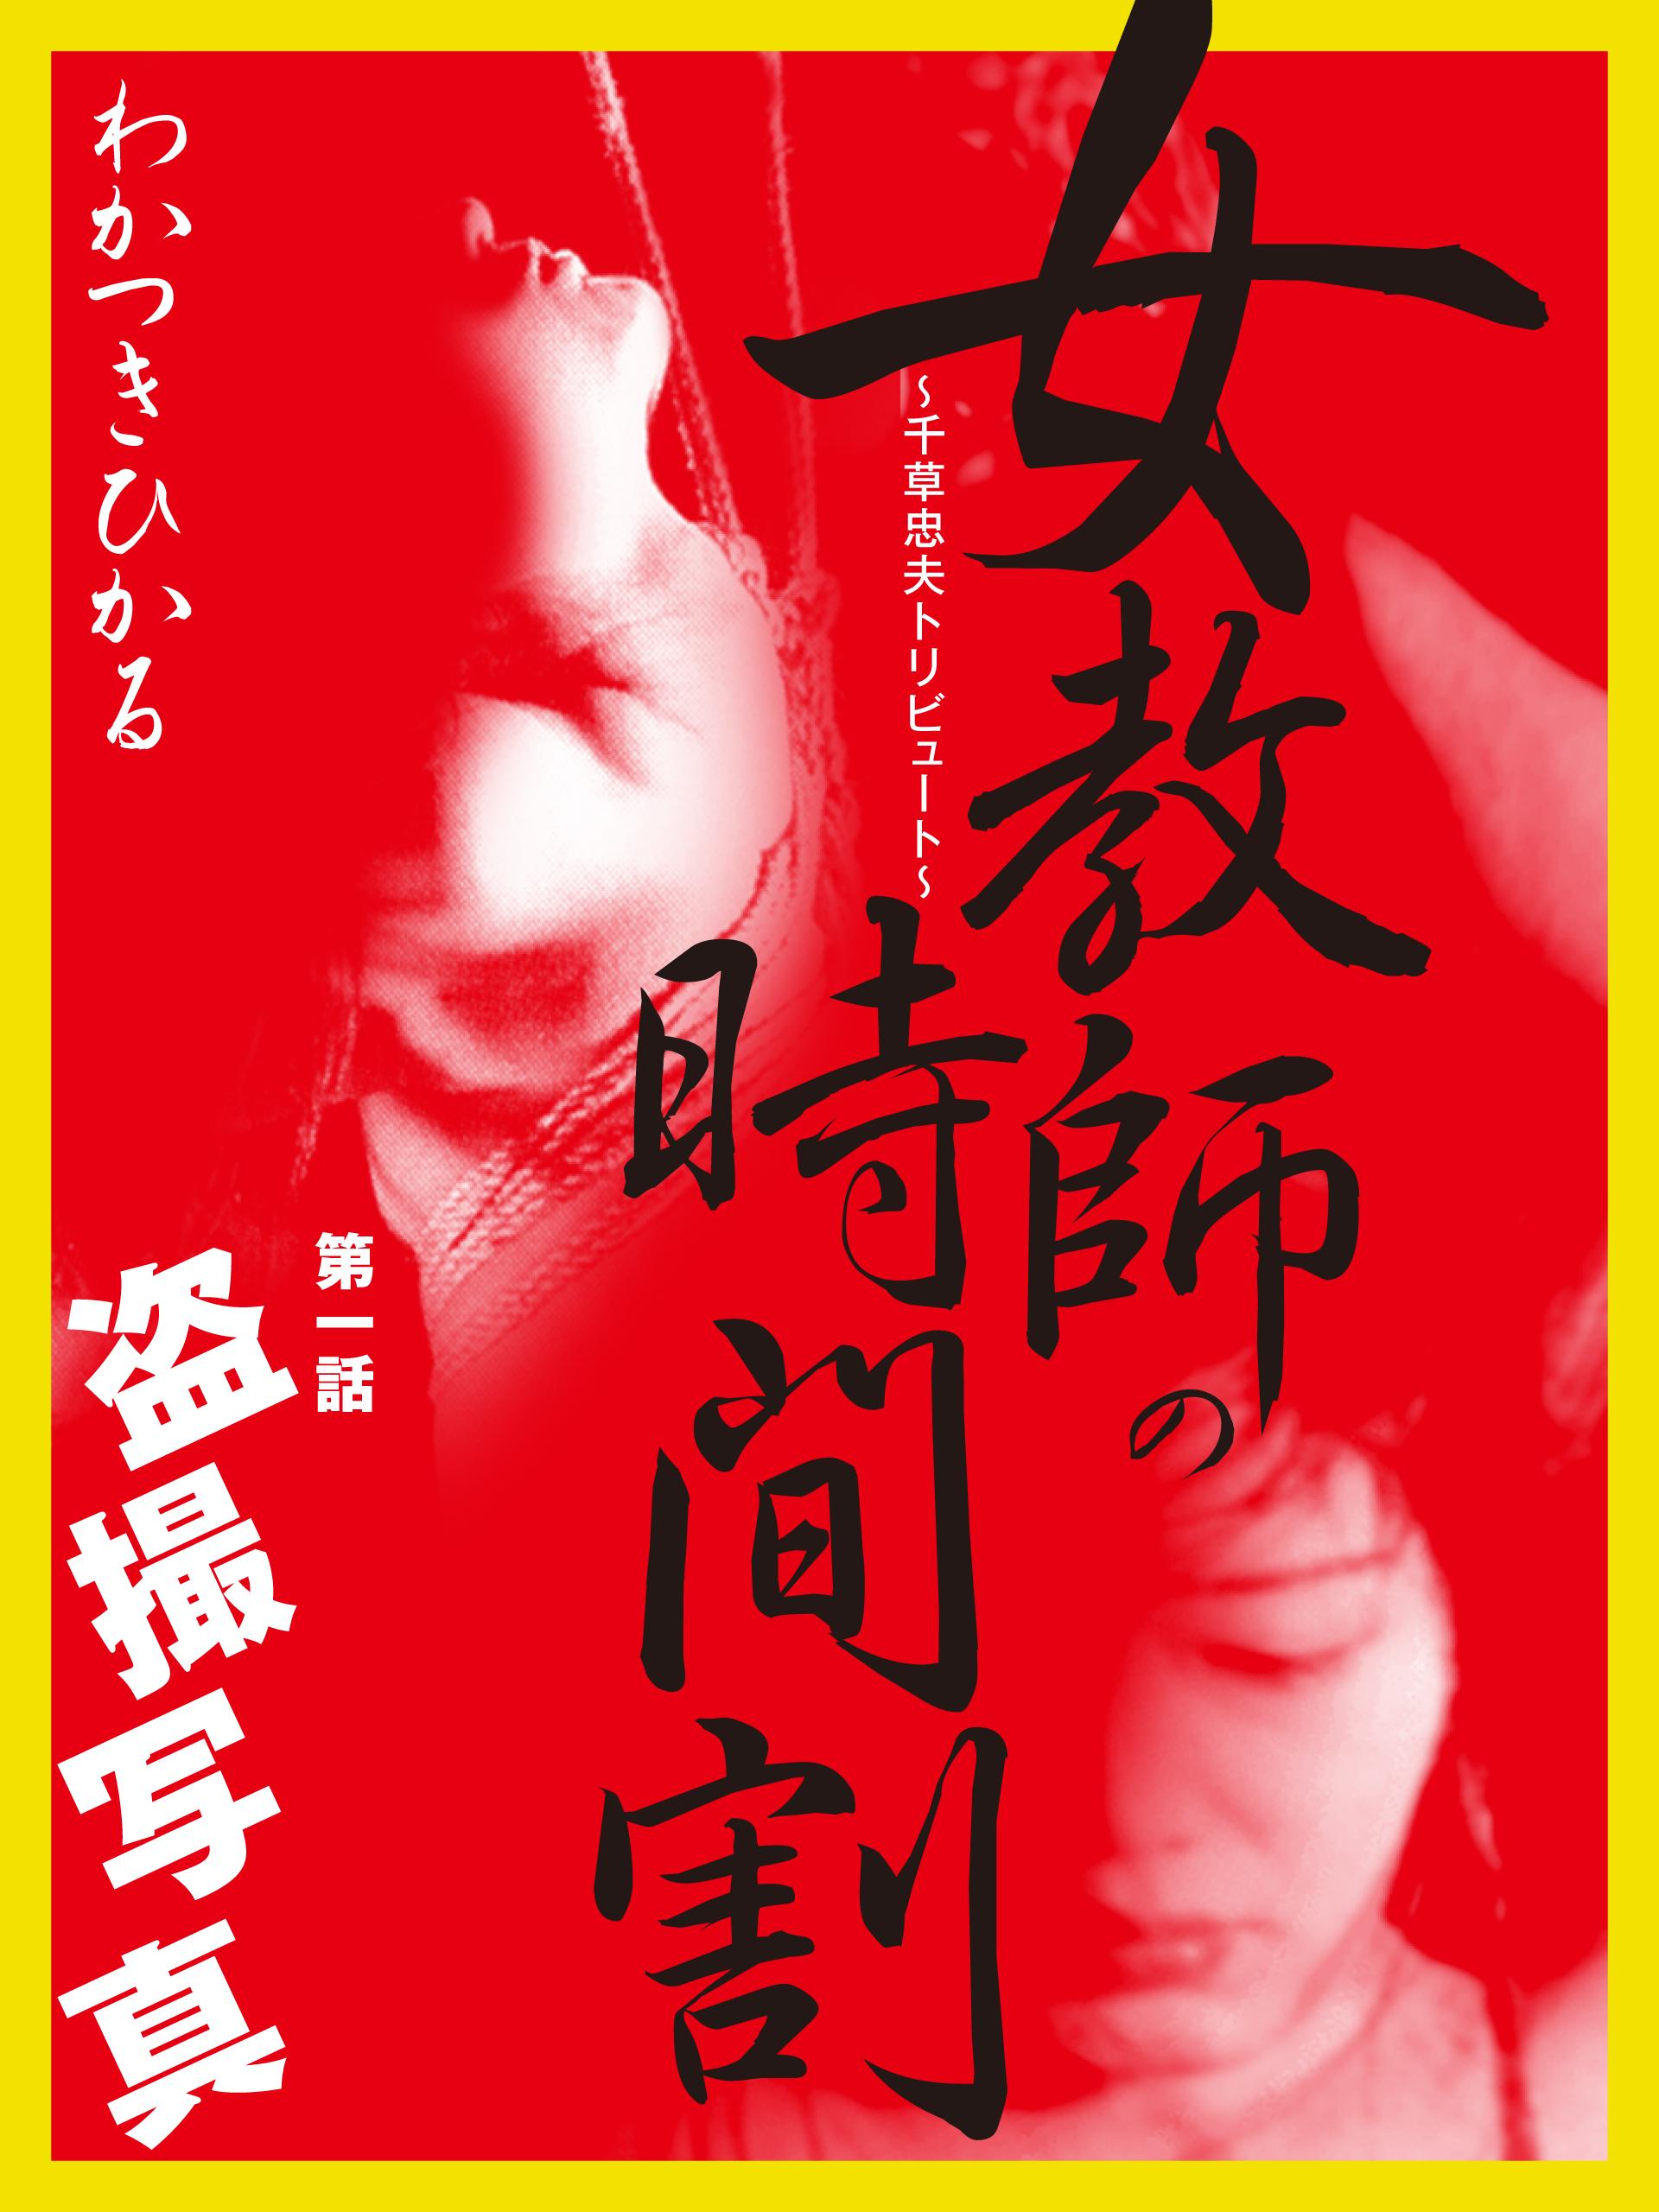 女教師の時間割~千草忠夫トリビュート~ 第一話 盗撮写真